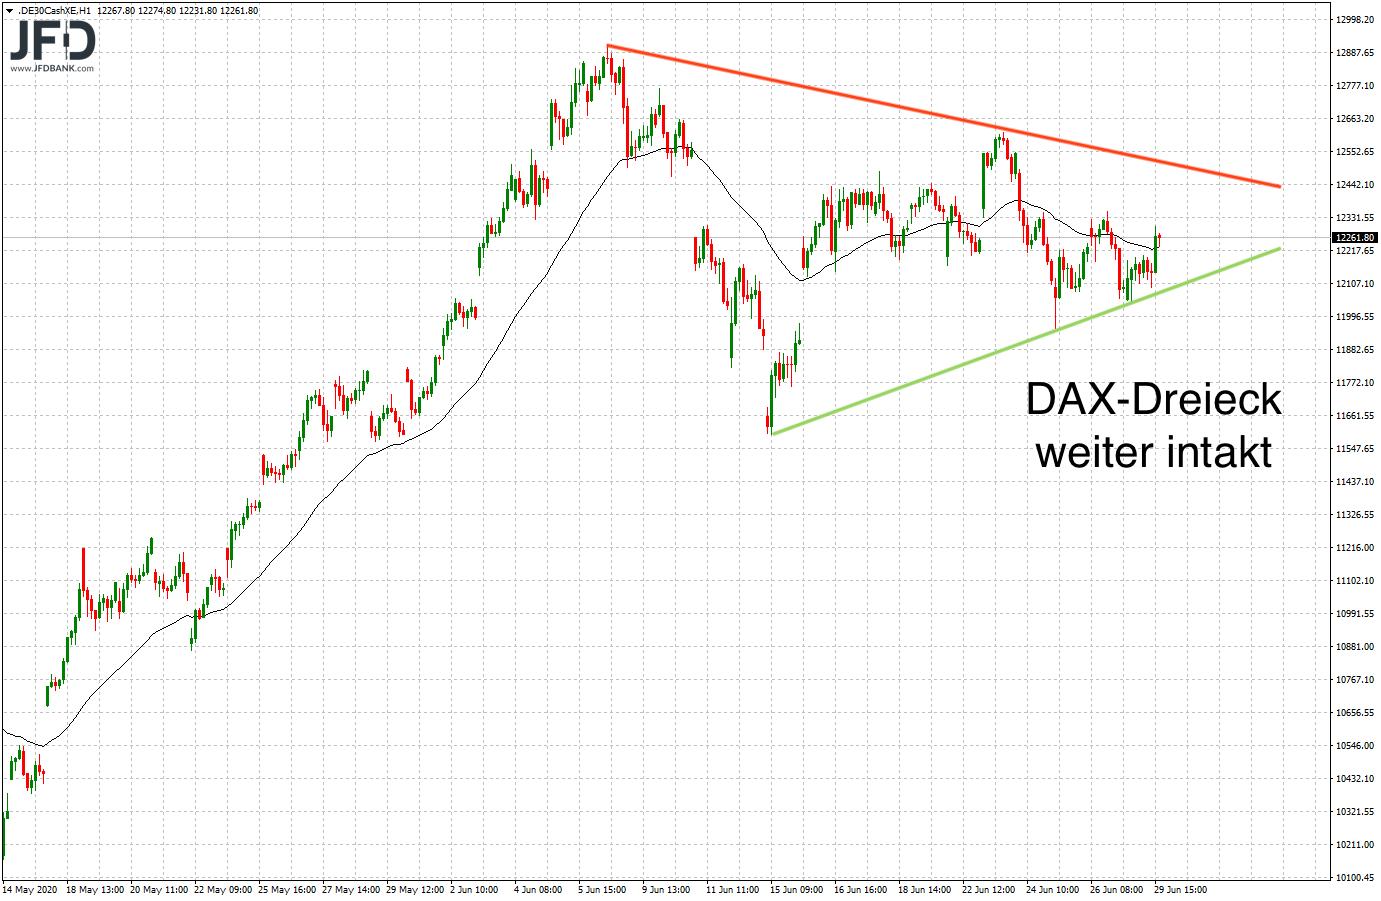 Test-12-000-im-DAX-bestanden-Willkommen-zurück-in-der-Range-Kommentar-JFD-Bank-GodmodeTrader.de-4